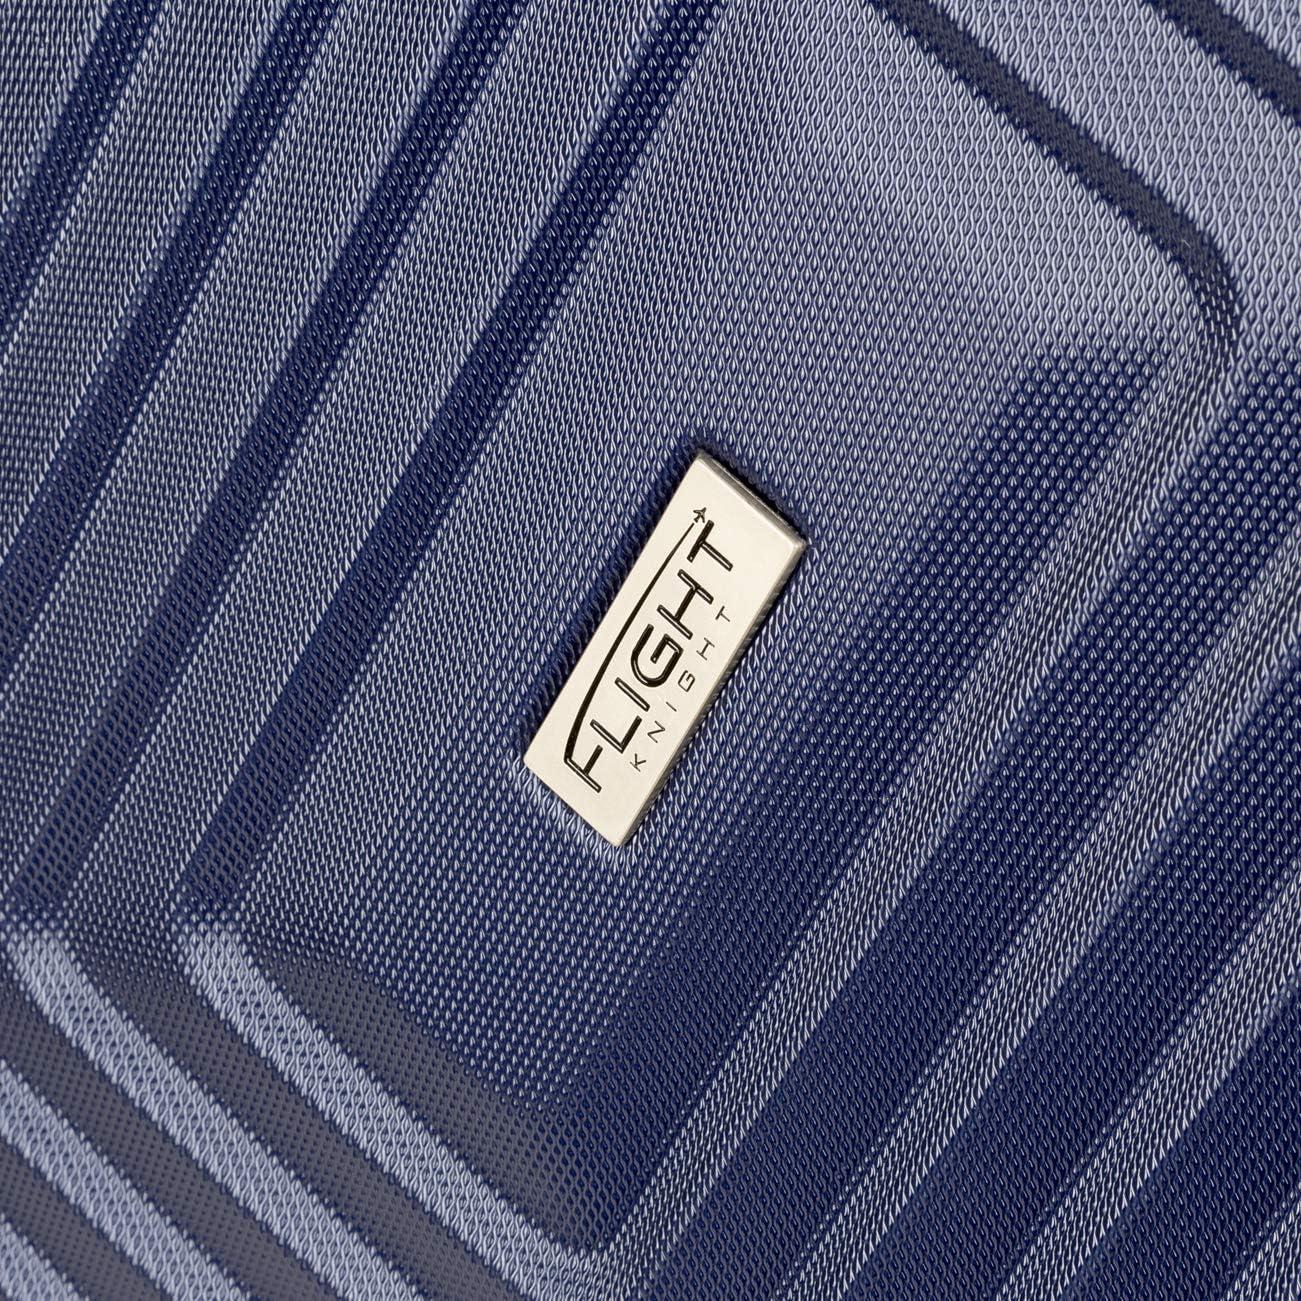 British Airways Und Viele Mehr Jet2 55x40x23cm ABS Leichtgewicht Reisekoffer Gepack Koffer Mit 4 Rollen Flight Knight Handgepack Trolley Koffer Maximalen Grobe Fur easyJet